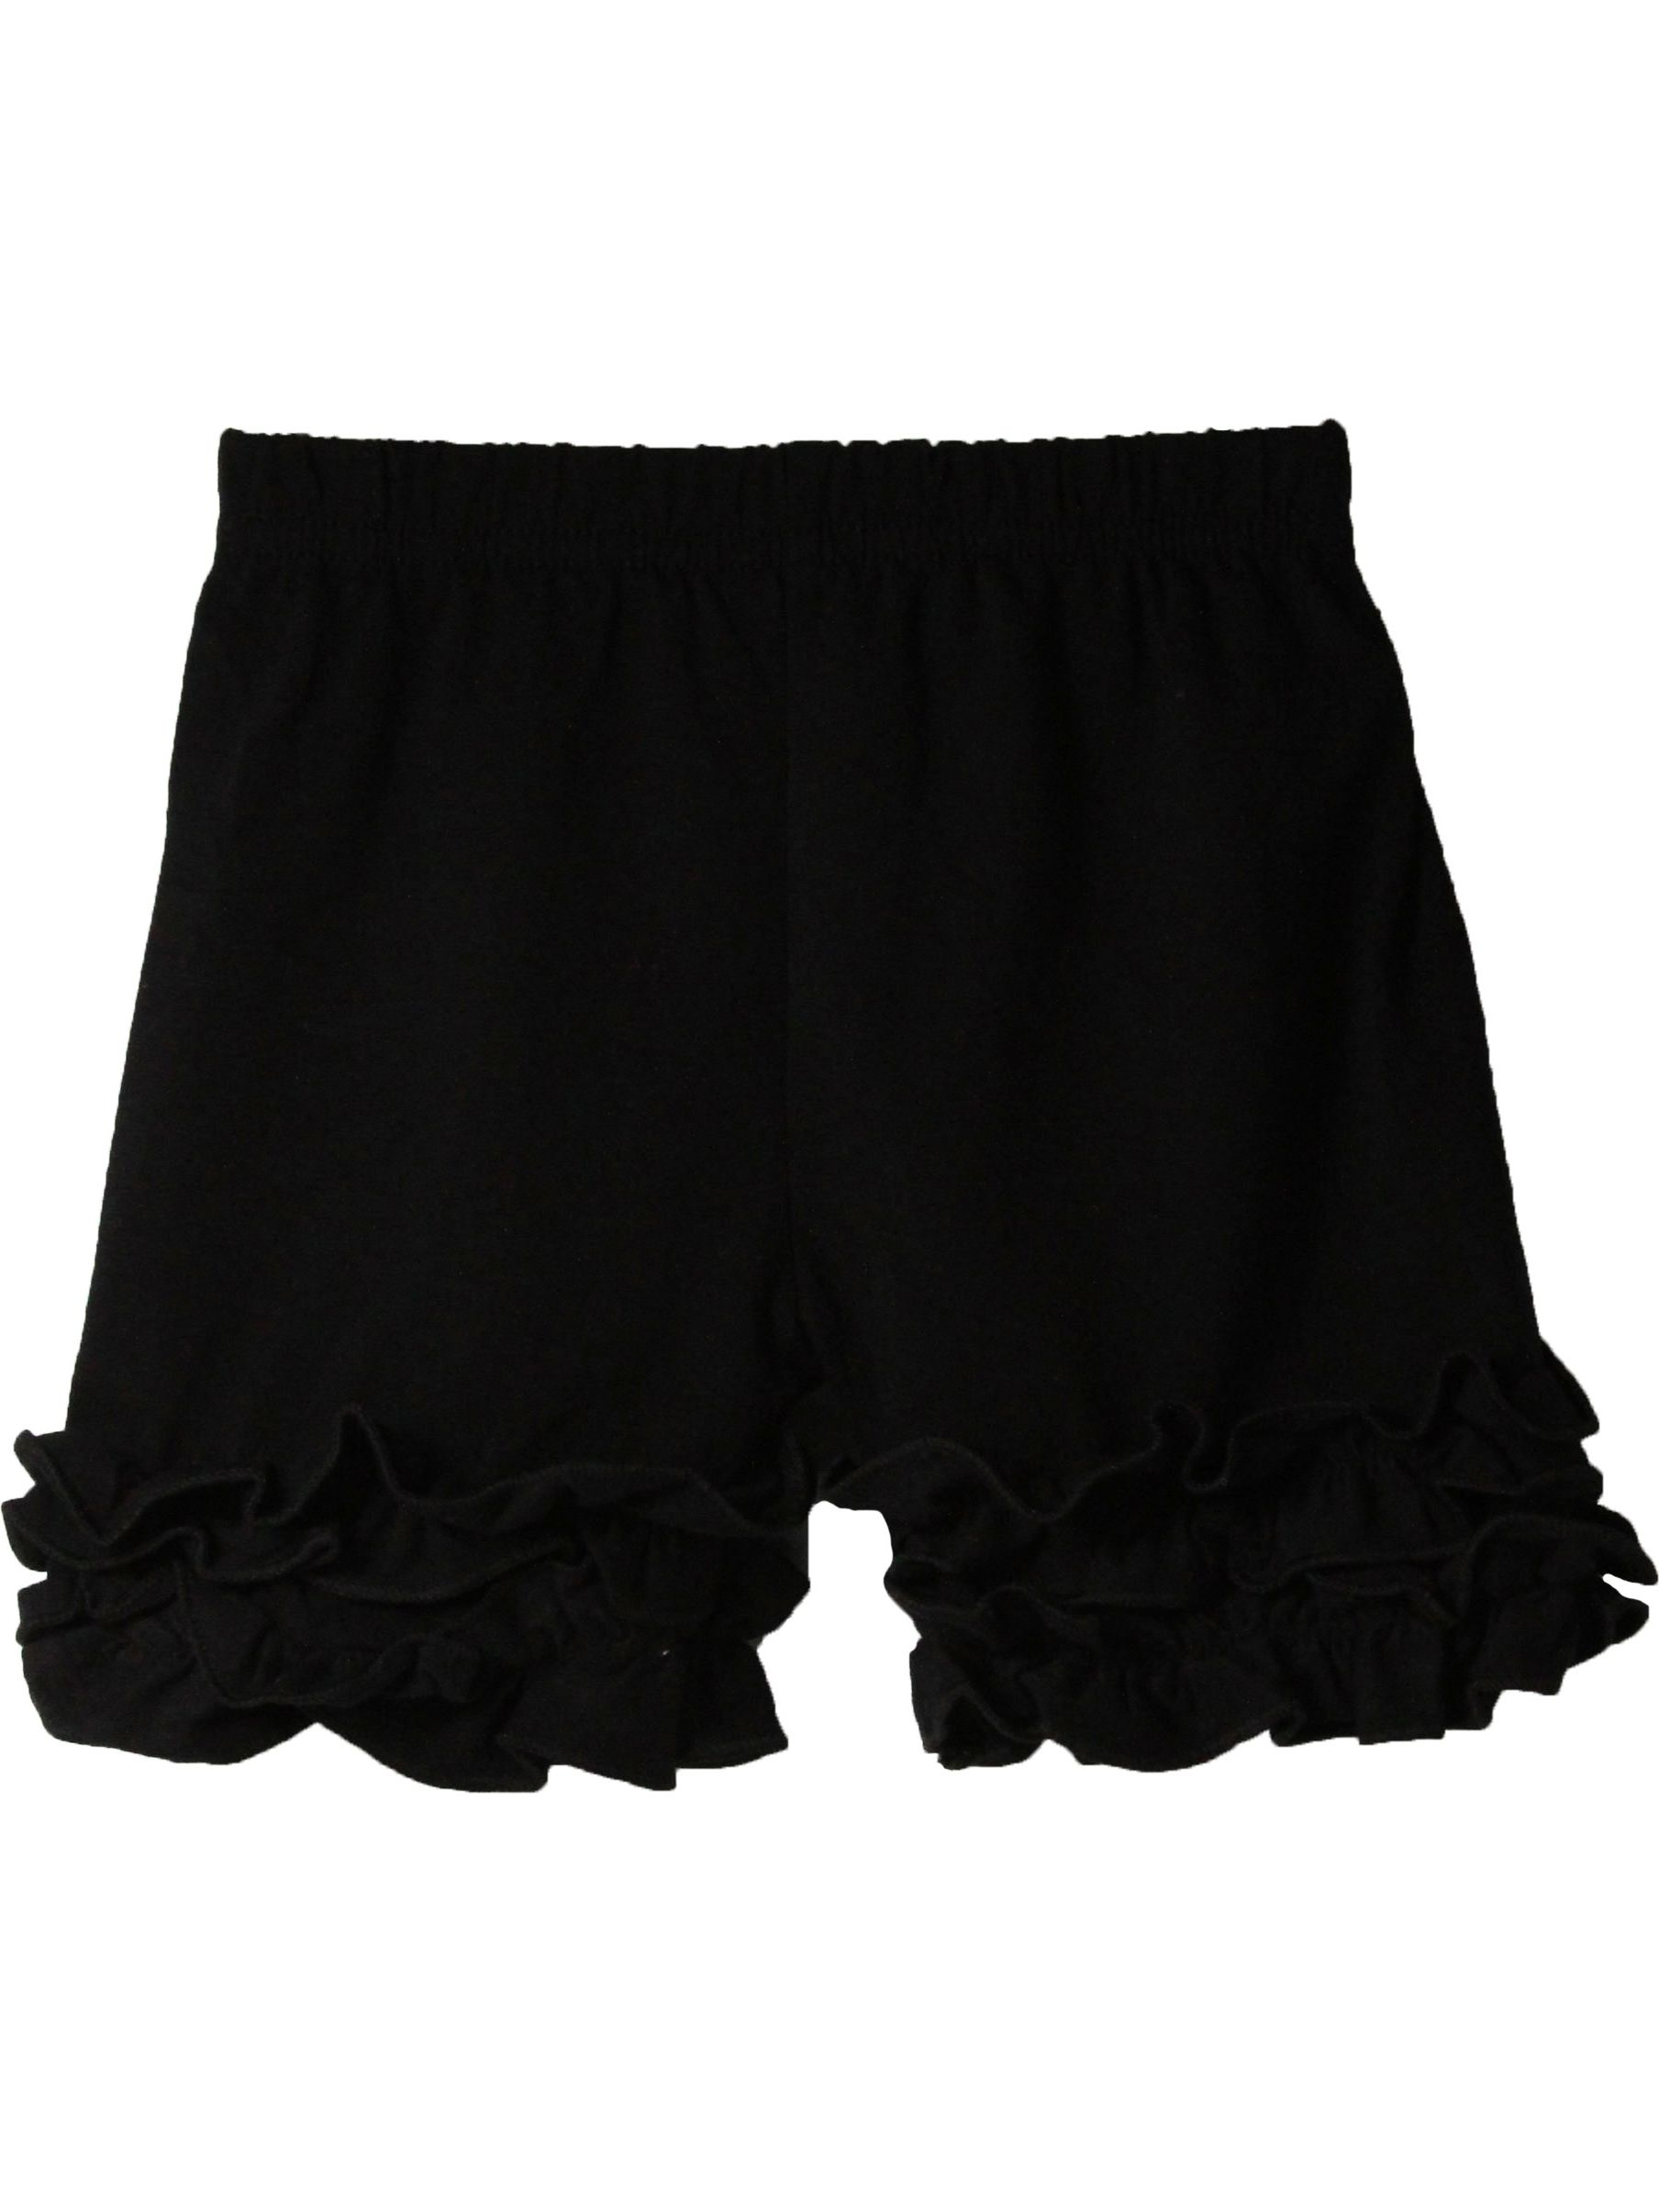 Girls Black Elastic Waist Ruffle Bottom Icing Boutique Shorts